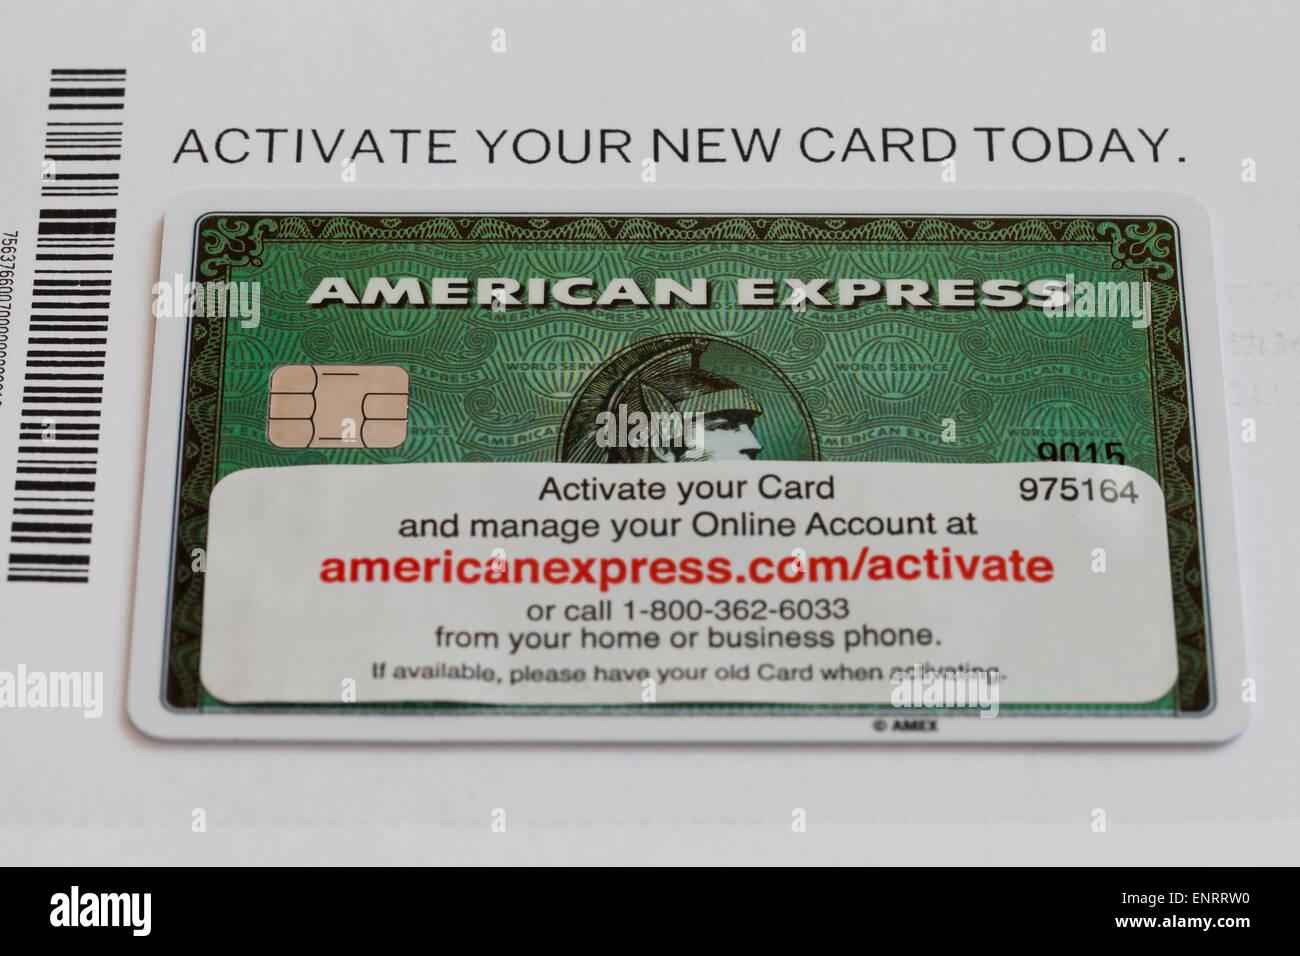 Novo carto american express com informaes de ativao eua foto novo carto american express com informaes de ativao eua reheart Choice Image